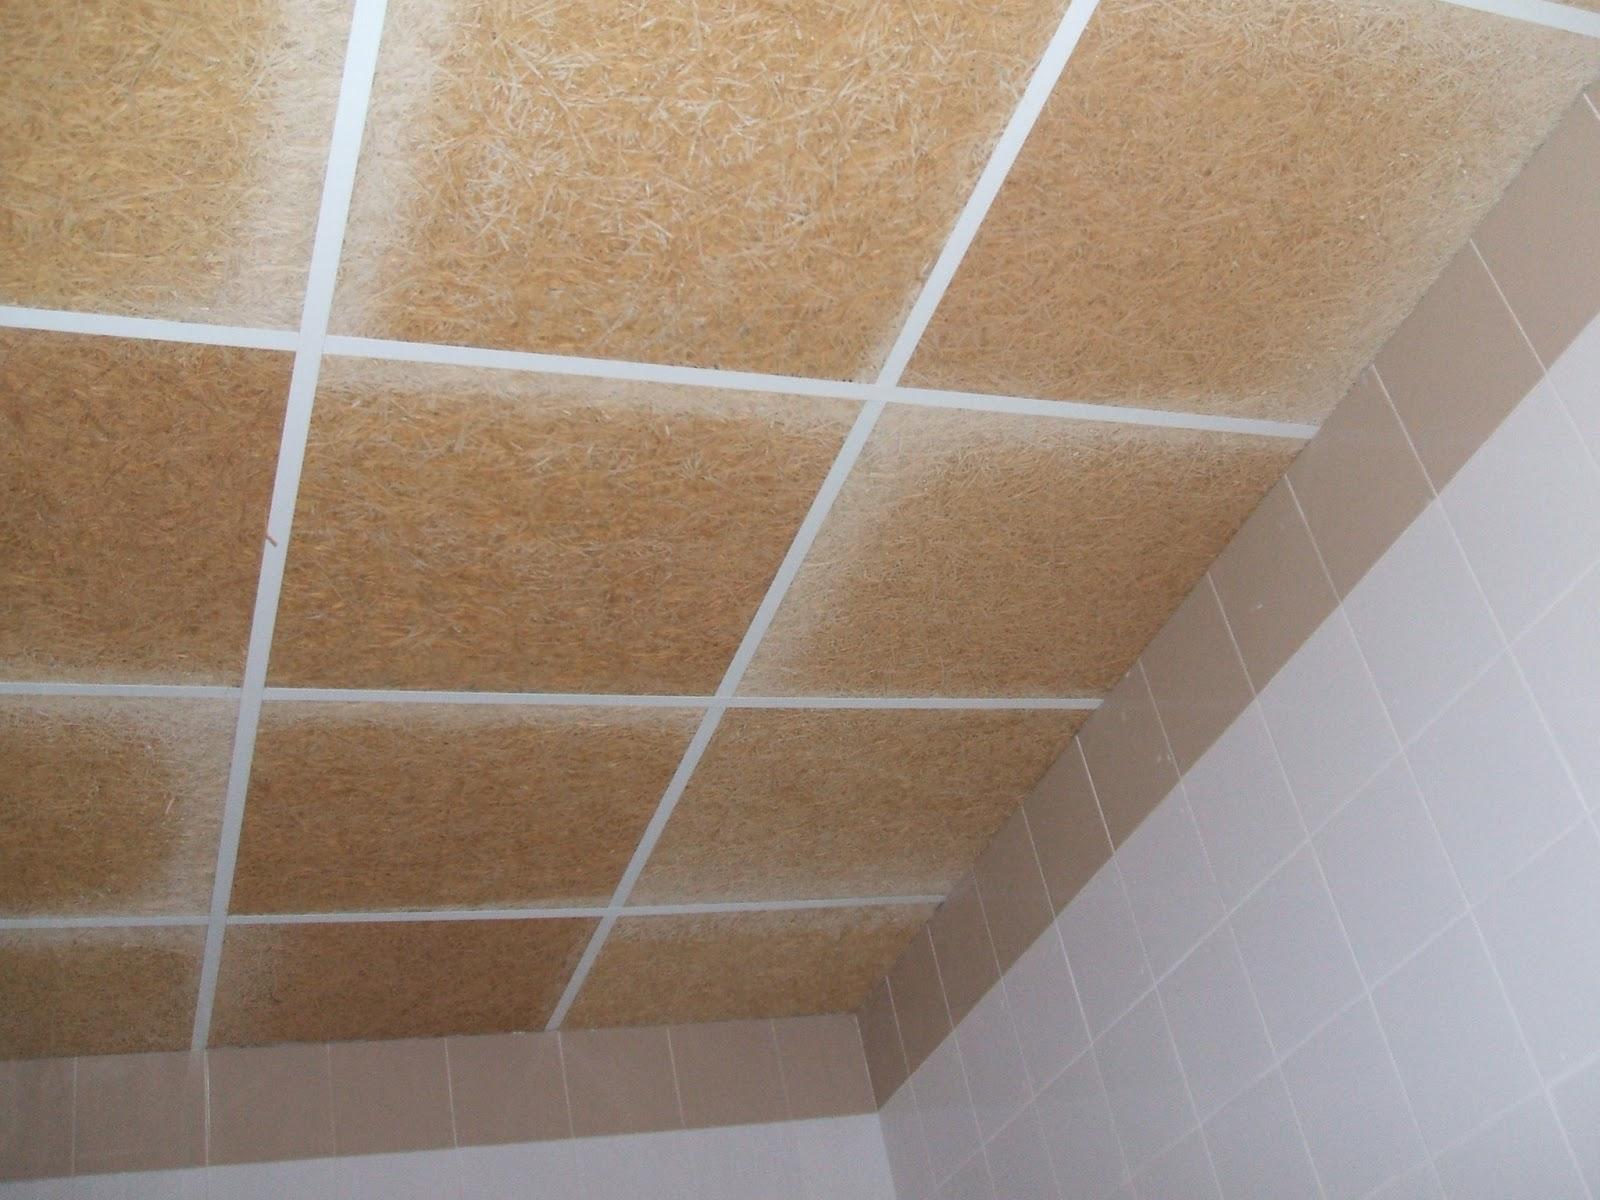 Aislamientos escobar tlf 637849242 montaje de techo - Muebles sanchez antequera ...